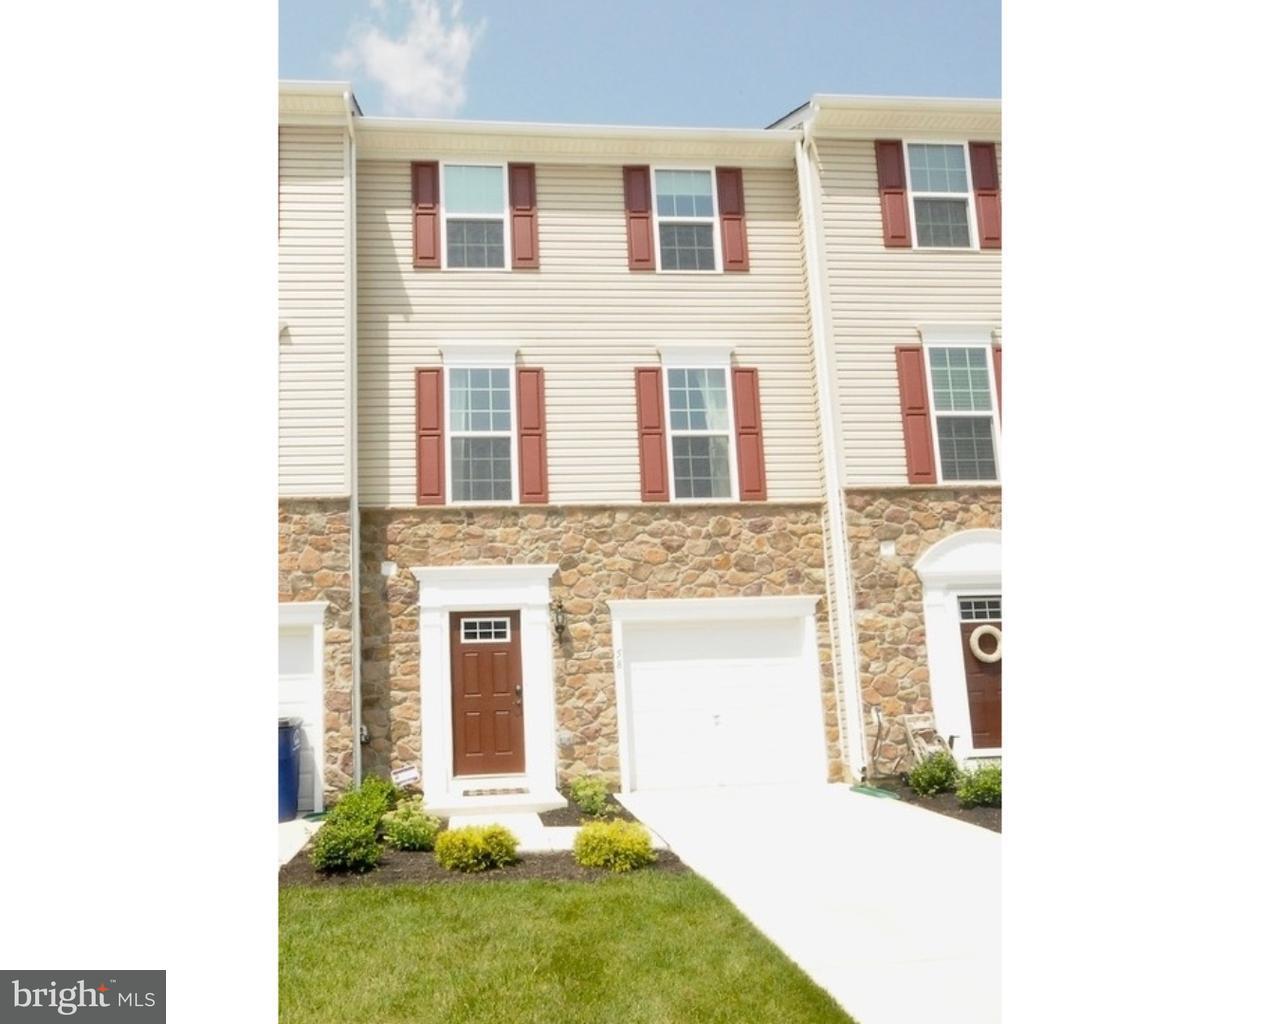 独户住宅 为 销售 在 58 BENFORD Lane Edgewater Park, 新泽西州 08010 美国